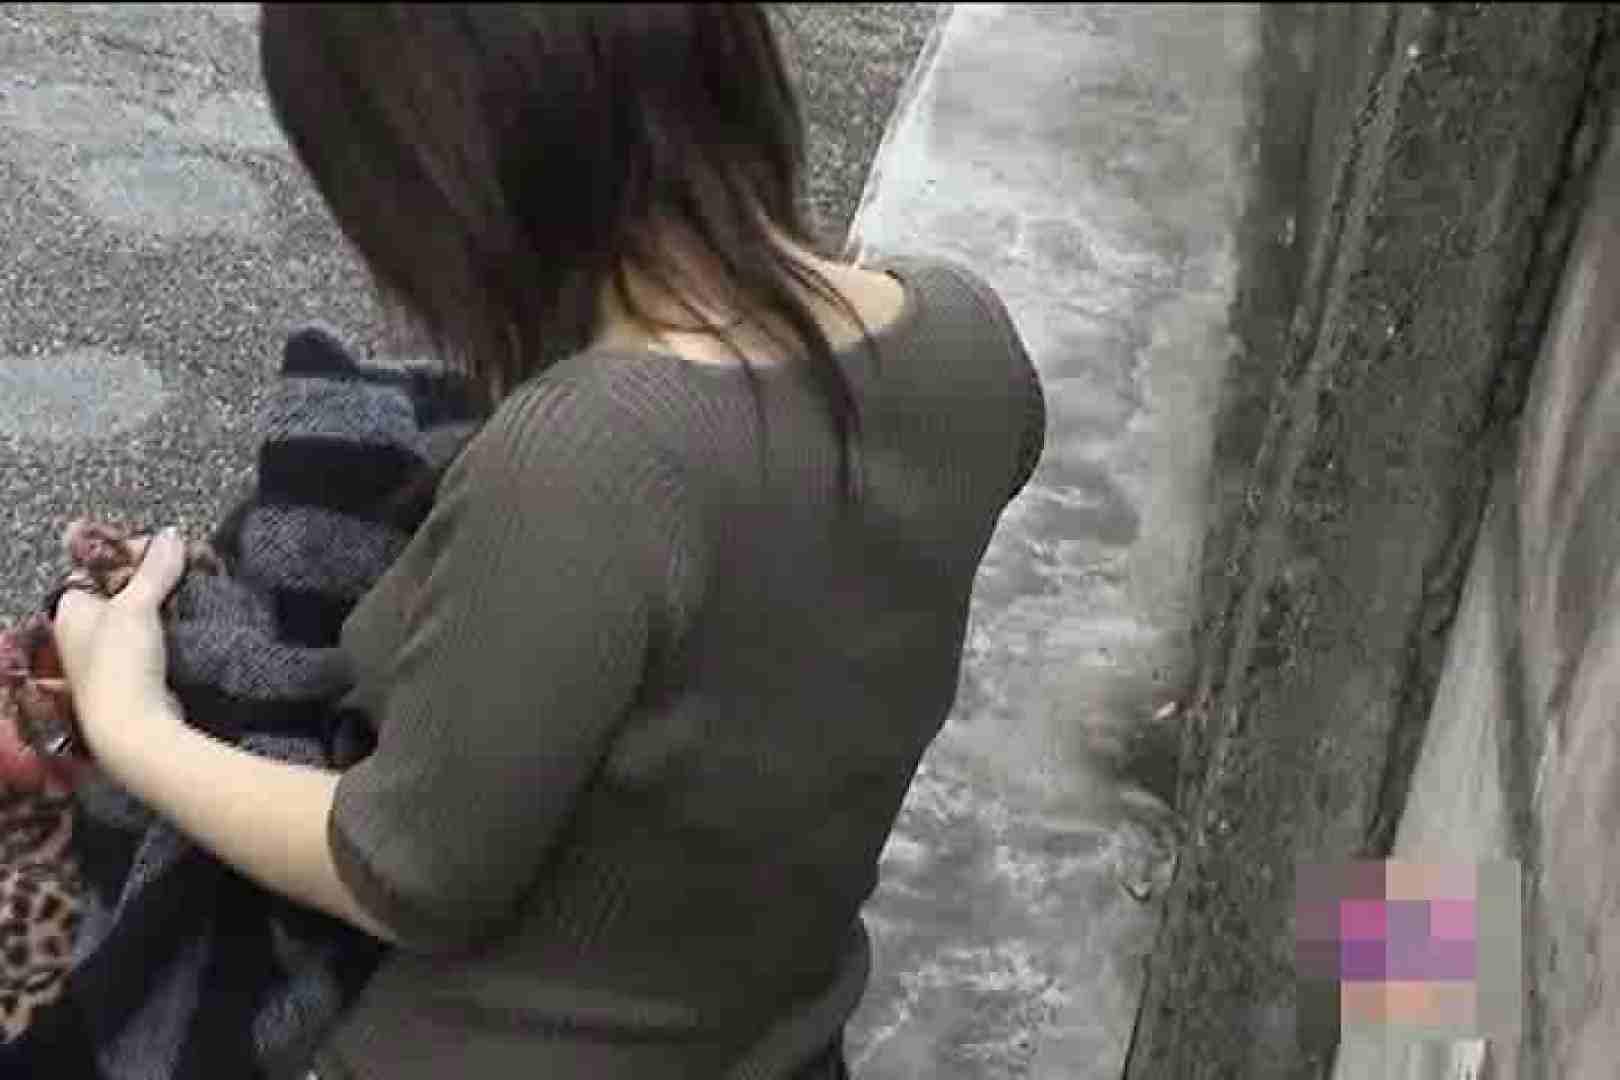 大胆露出胸チラギャル大量発生中!!Vol.6 OLヌード天国 オメコ動画キャプチャ 86PIX 42